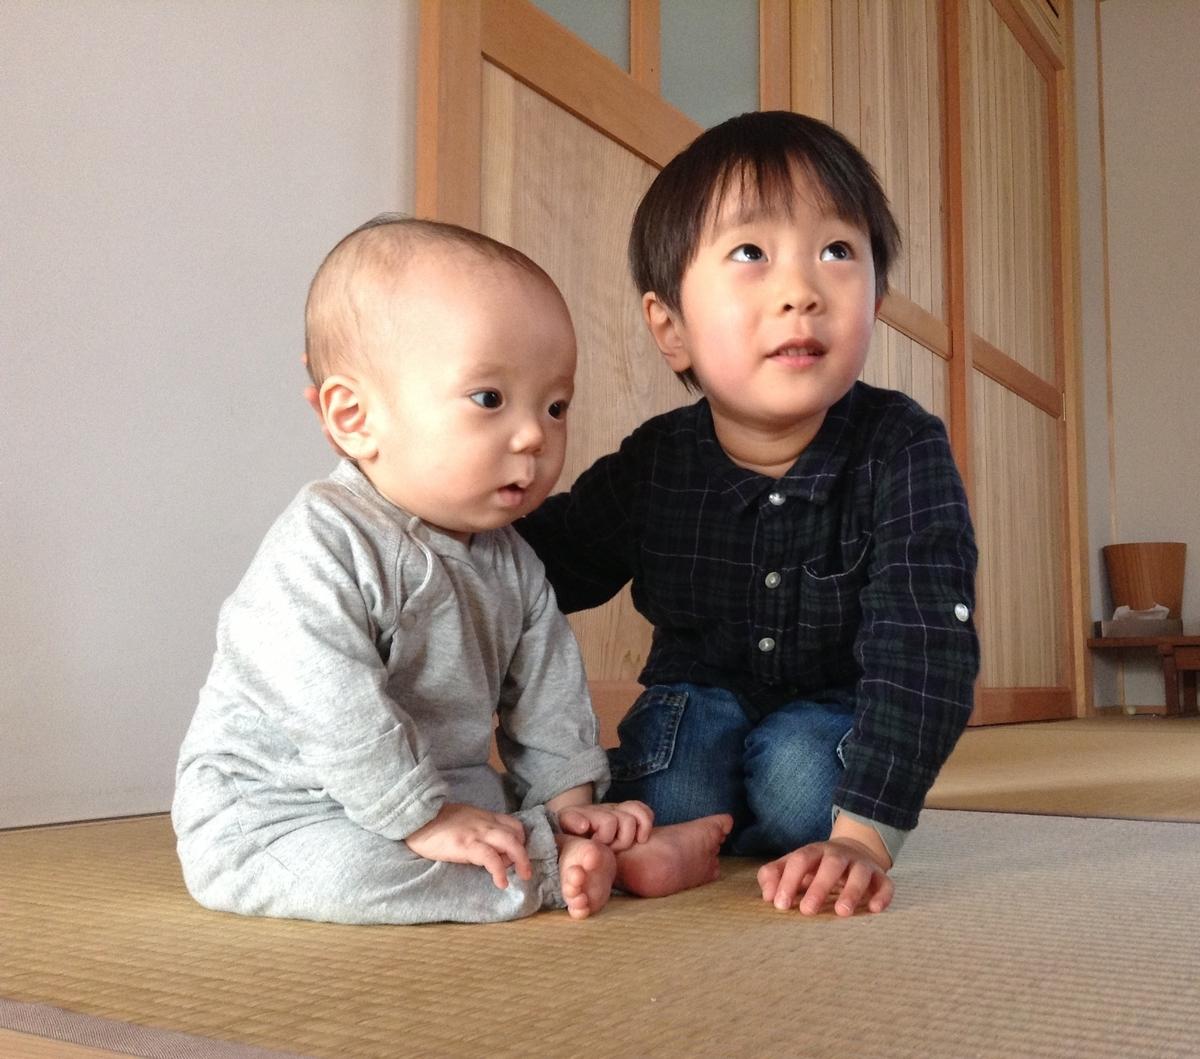 f:id:ichikawa-seipanten:20210408155544j:plain